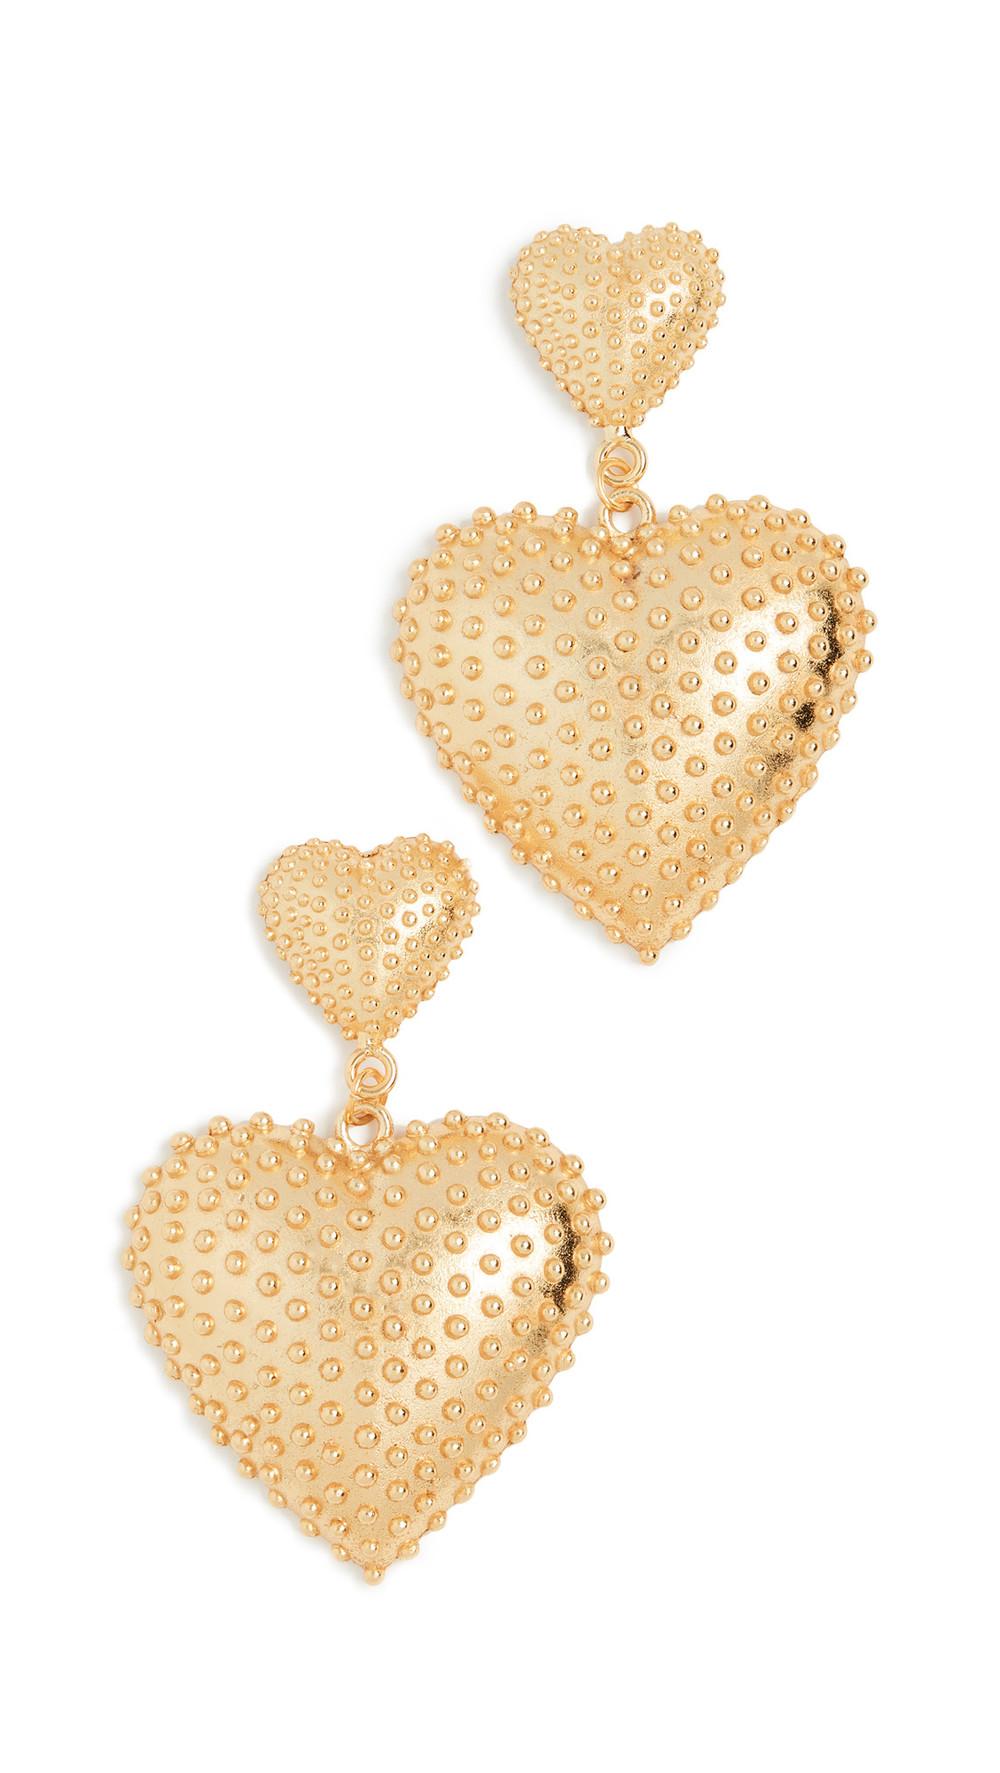 Mallarino Marguerite Two Heart Earrings in gold